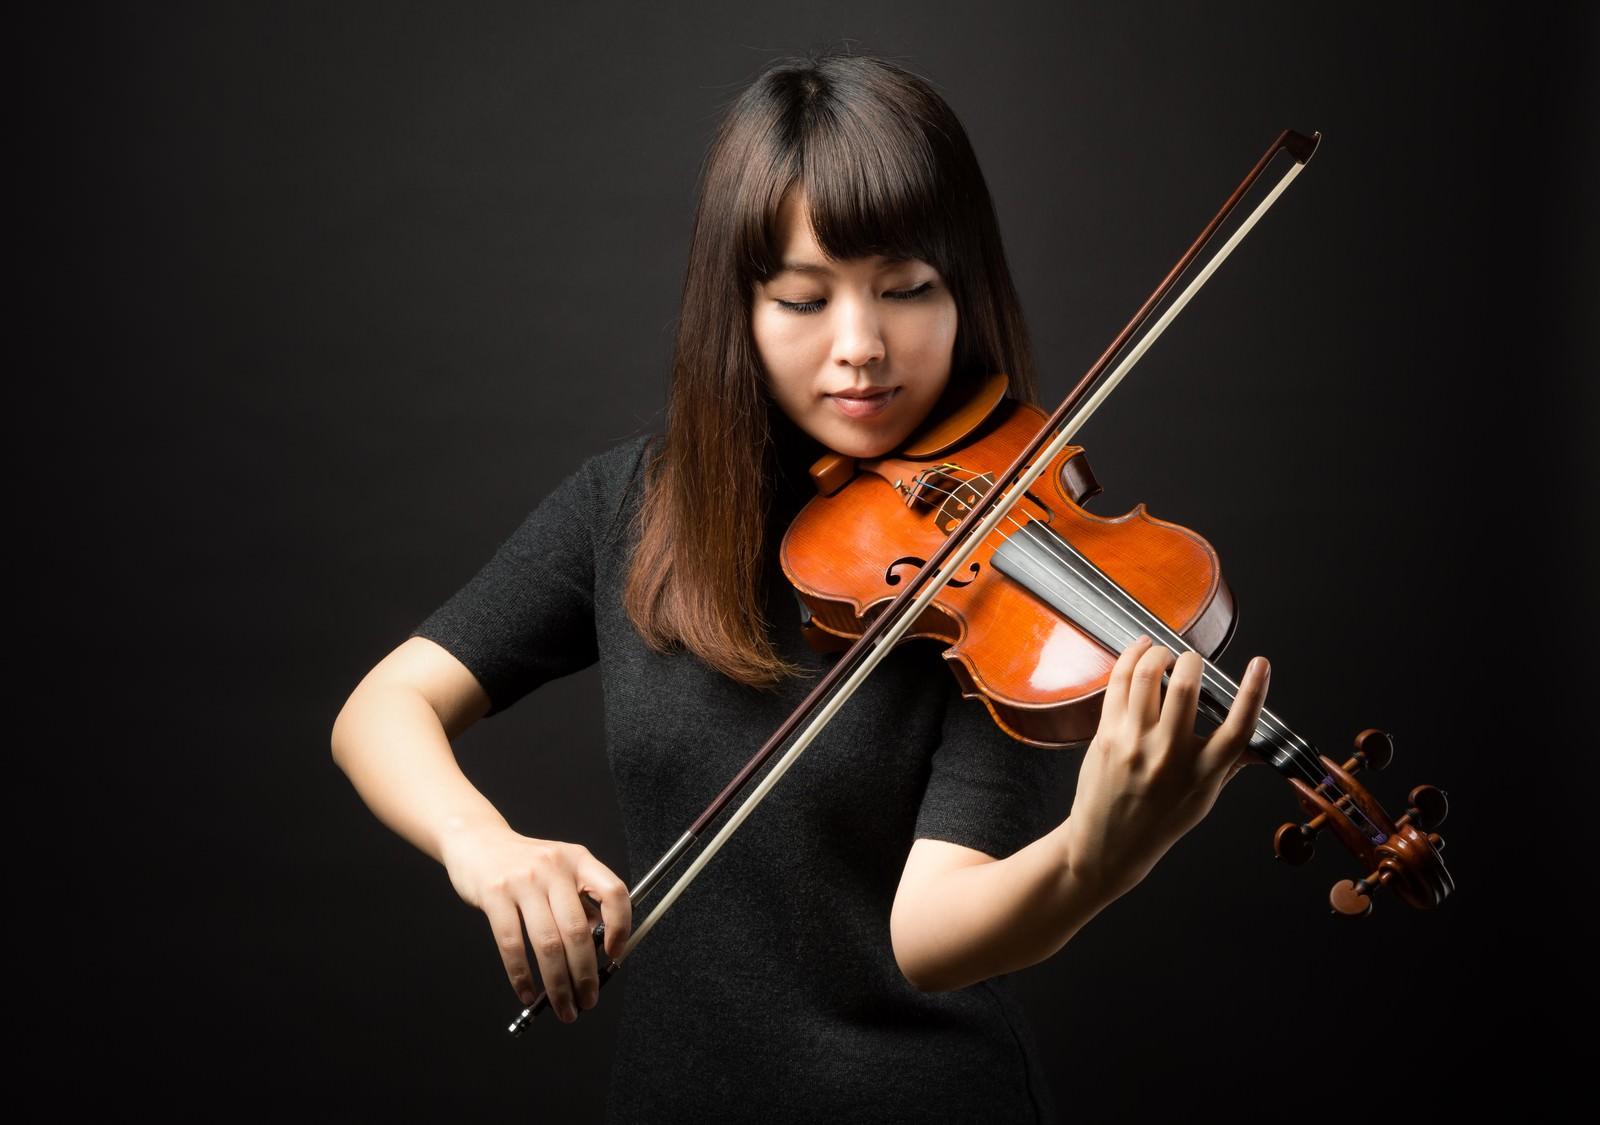 「ヴァイオリンの演奏に集中するヴァイオリンの演奏に集中する」[モデル:yukiko]のフリー写真素材を拡大